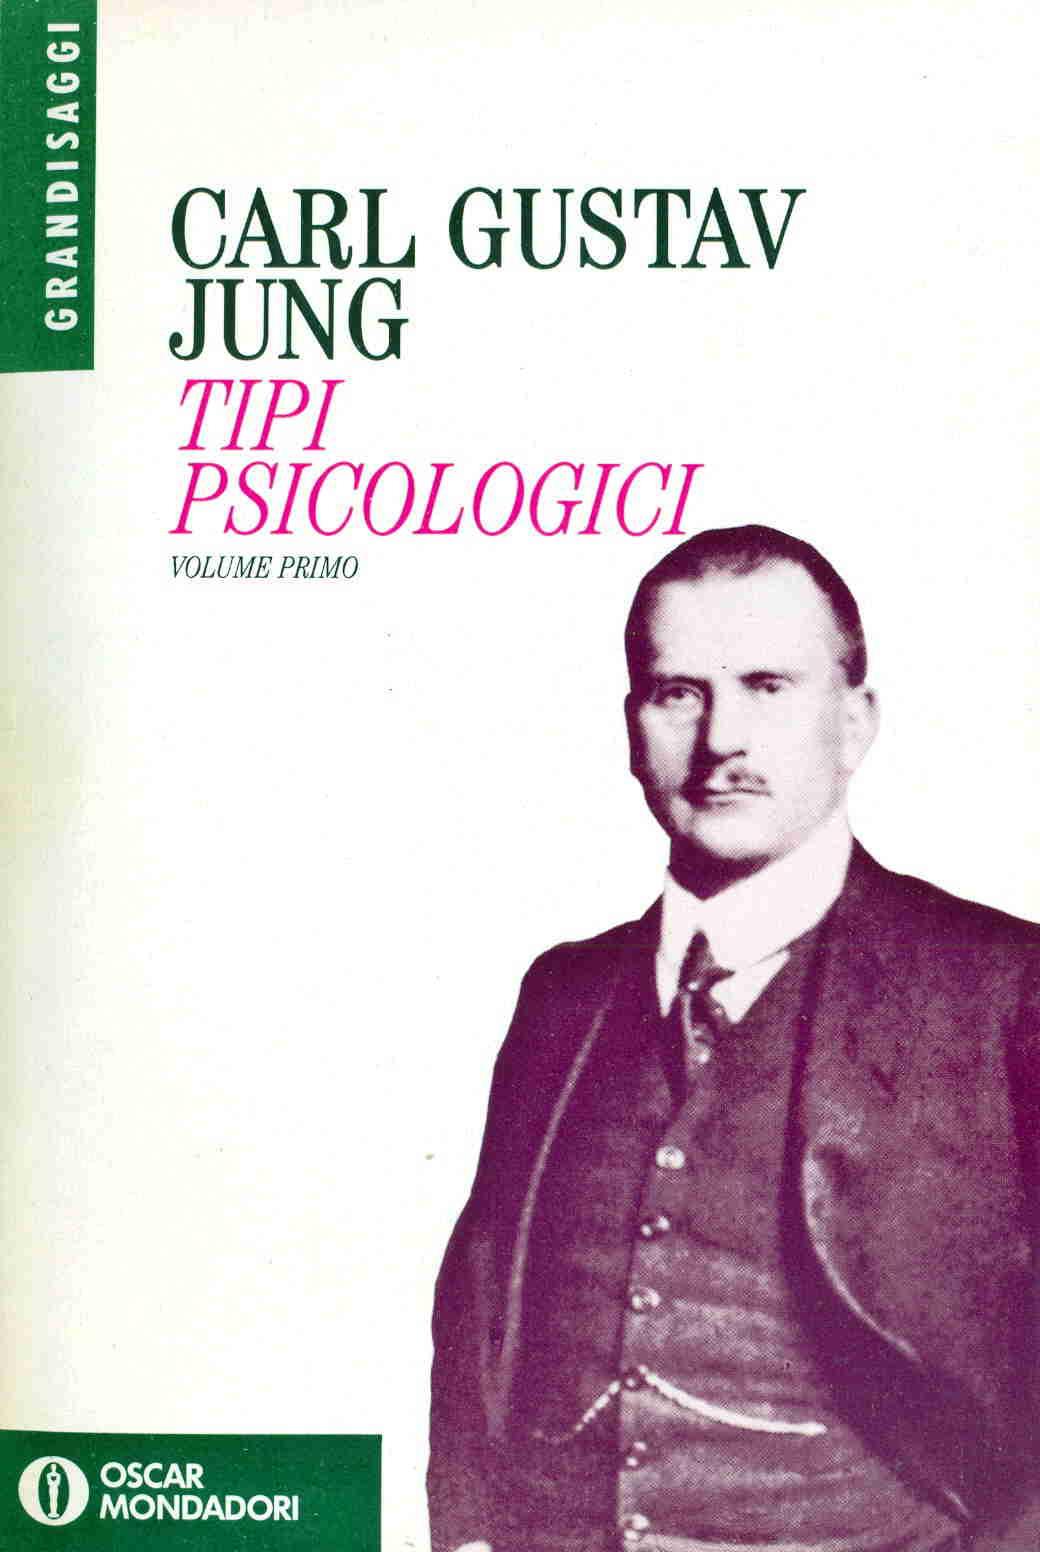 Tipi psicologici - Volume primo